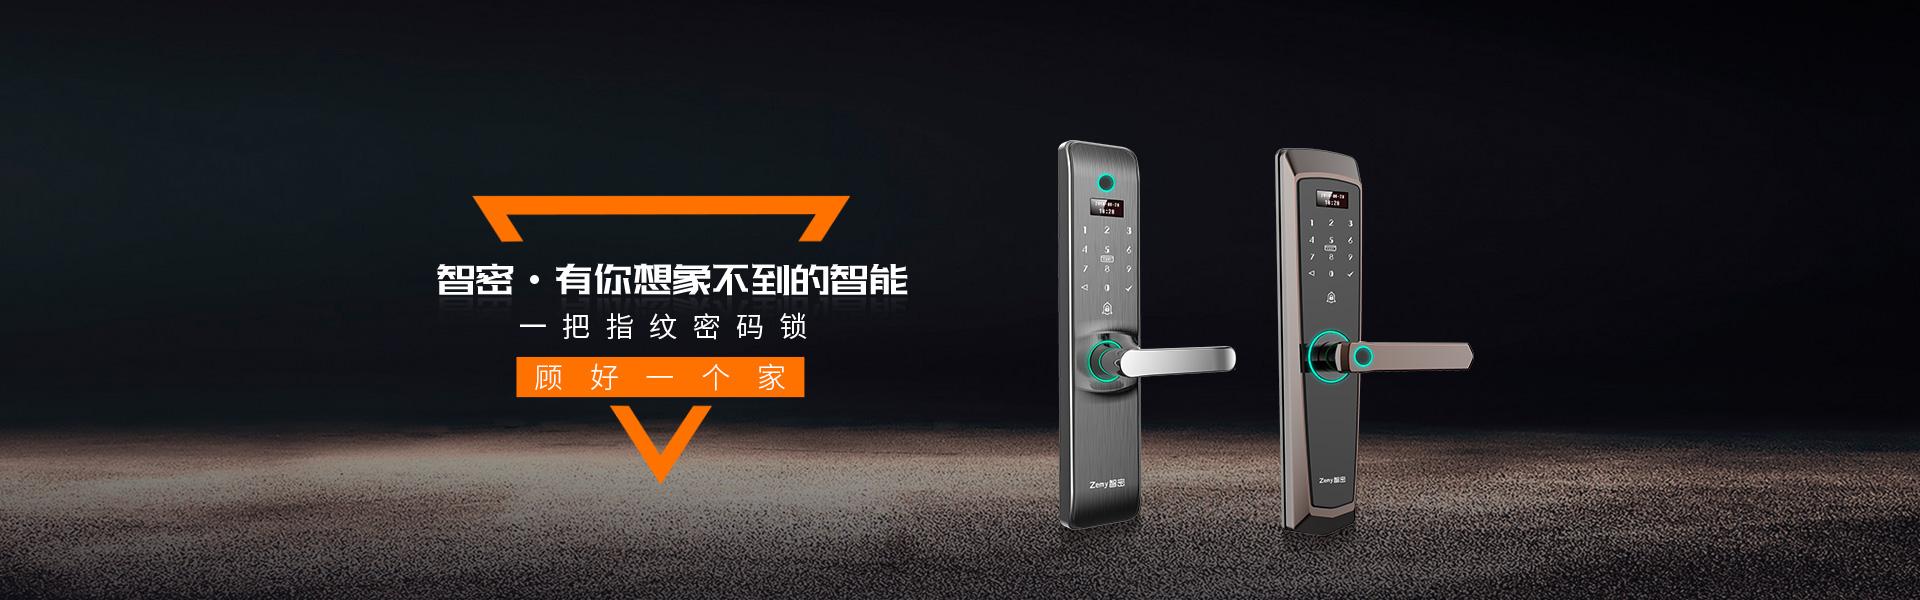 深圳大昌智能家居有限公司